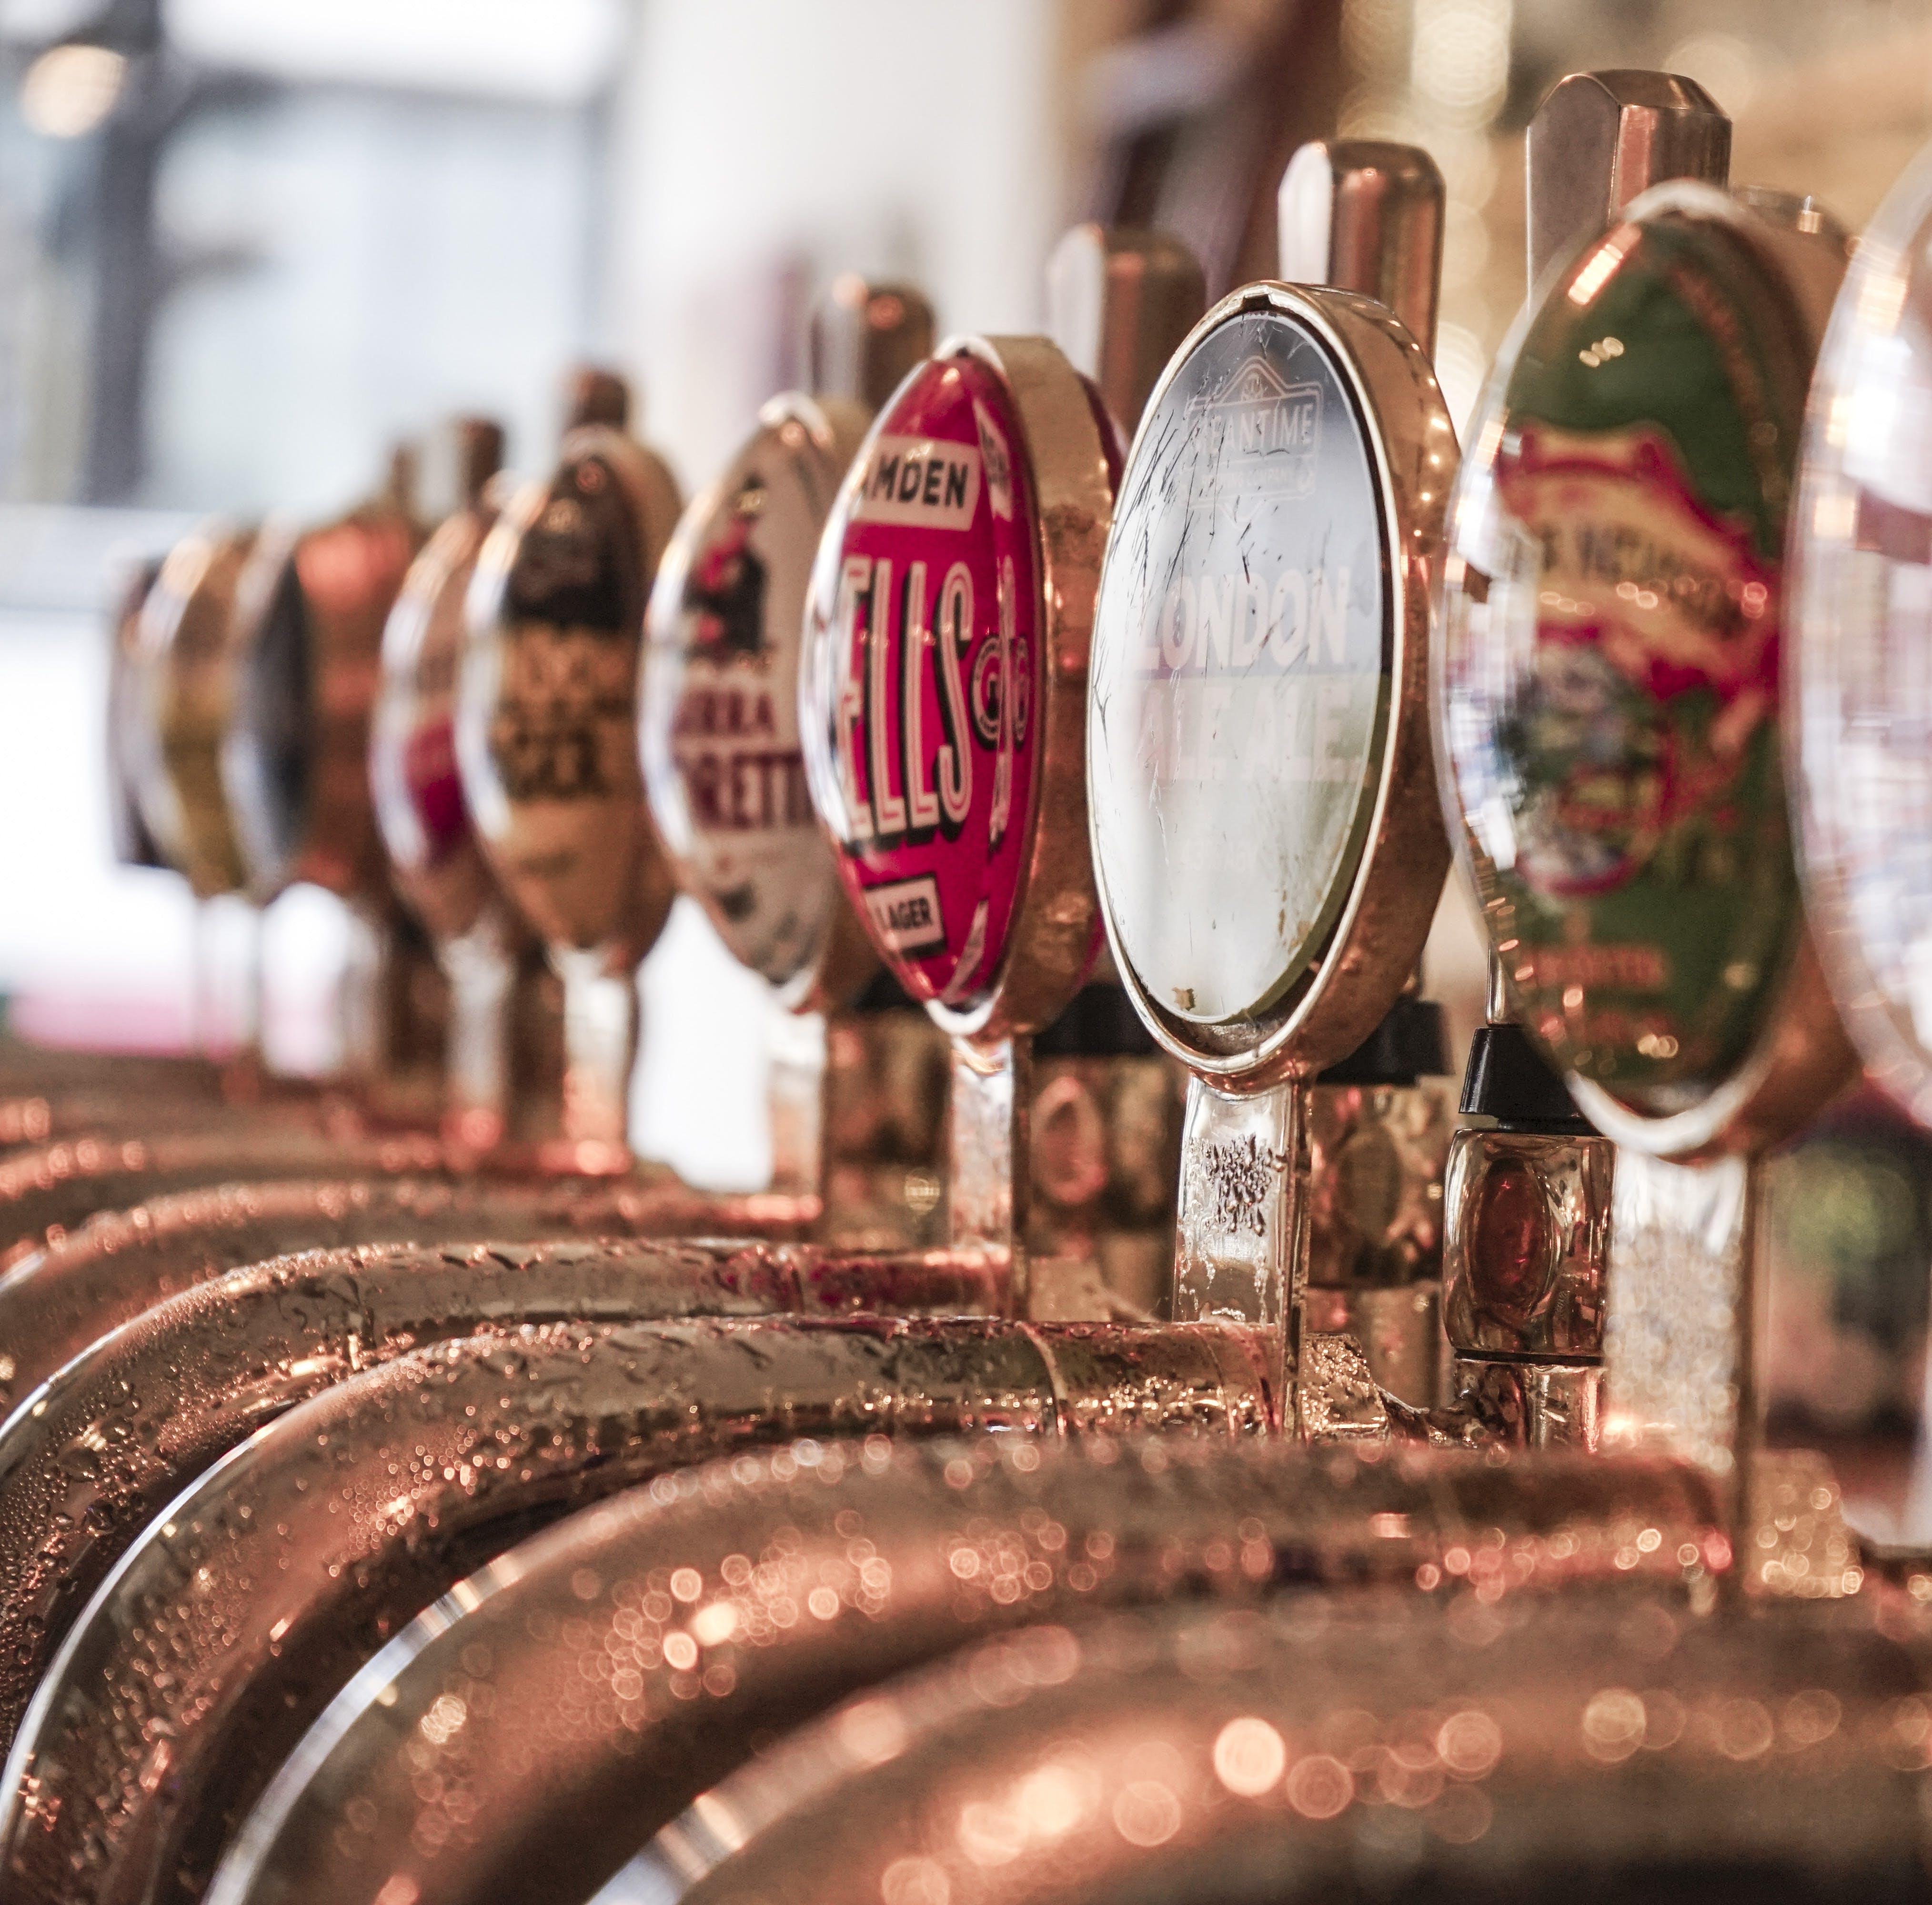 Gratis lagerfoto af alkohol, camden, helveder, London